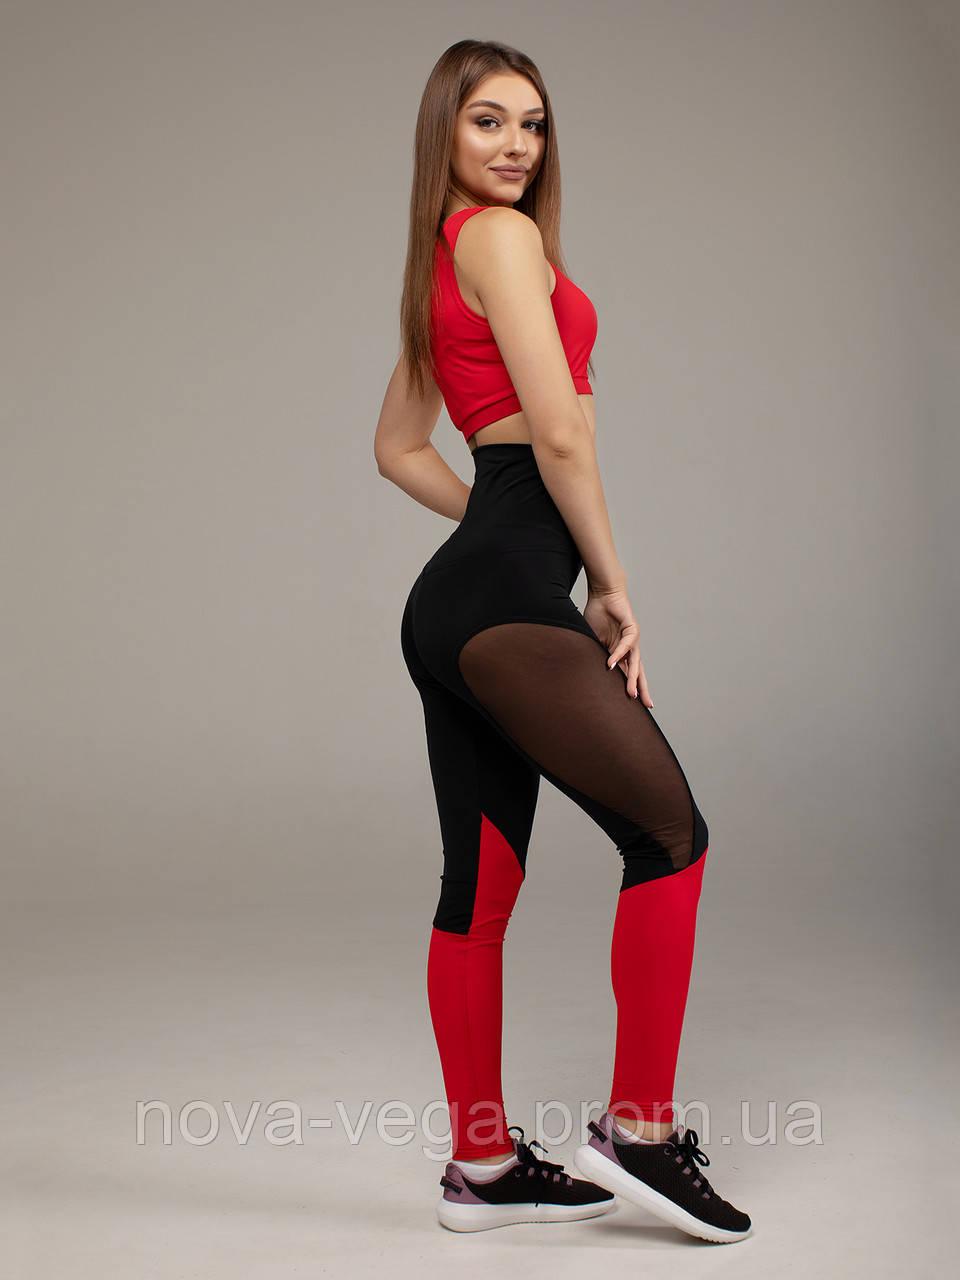 Спортивные Женские Лосины Nova Vega Cotis